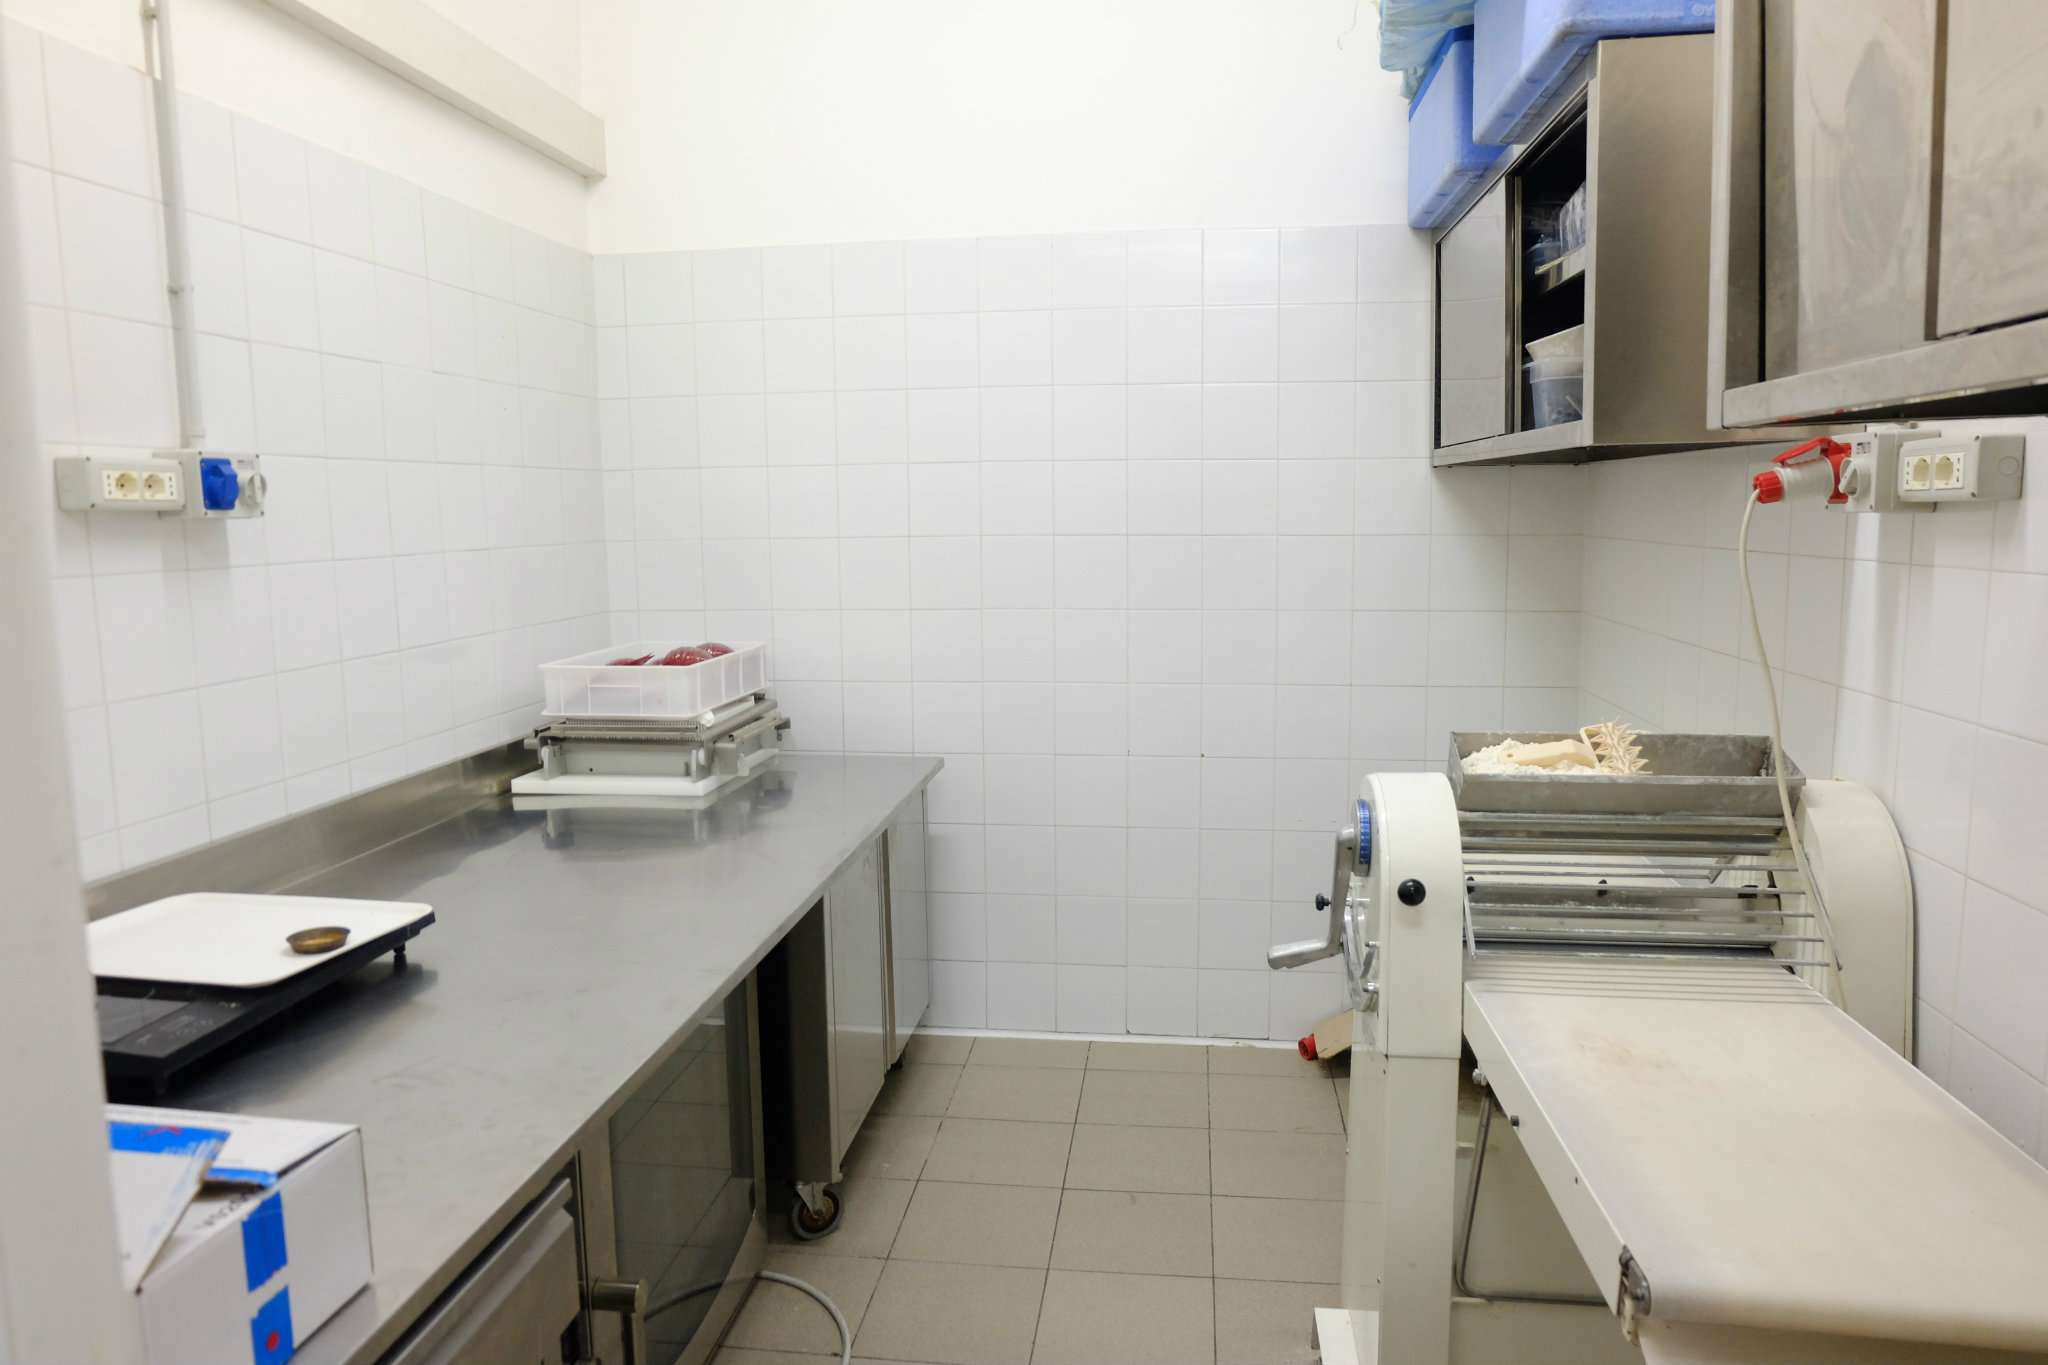 Laboratorio in vendita a Milano, 8 locali, zona Zona: 1 . Centro Storico, Duomo, Brera, Cadorna, Cattolica, prezzo € 150.000 | Cambio Casa.it